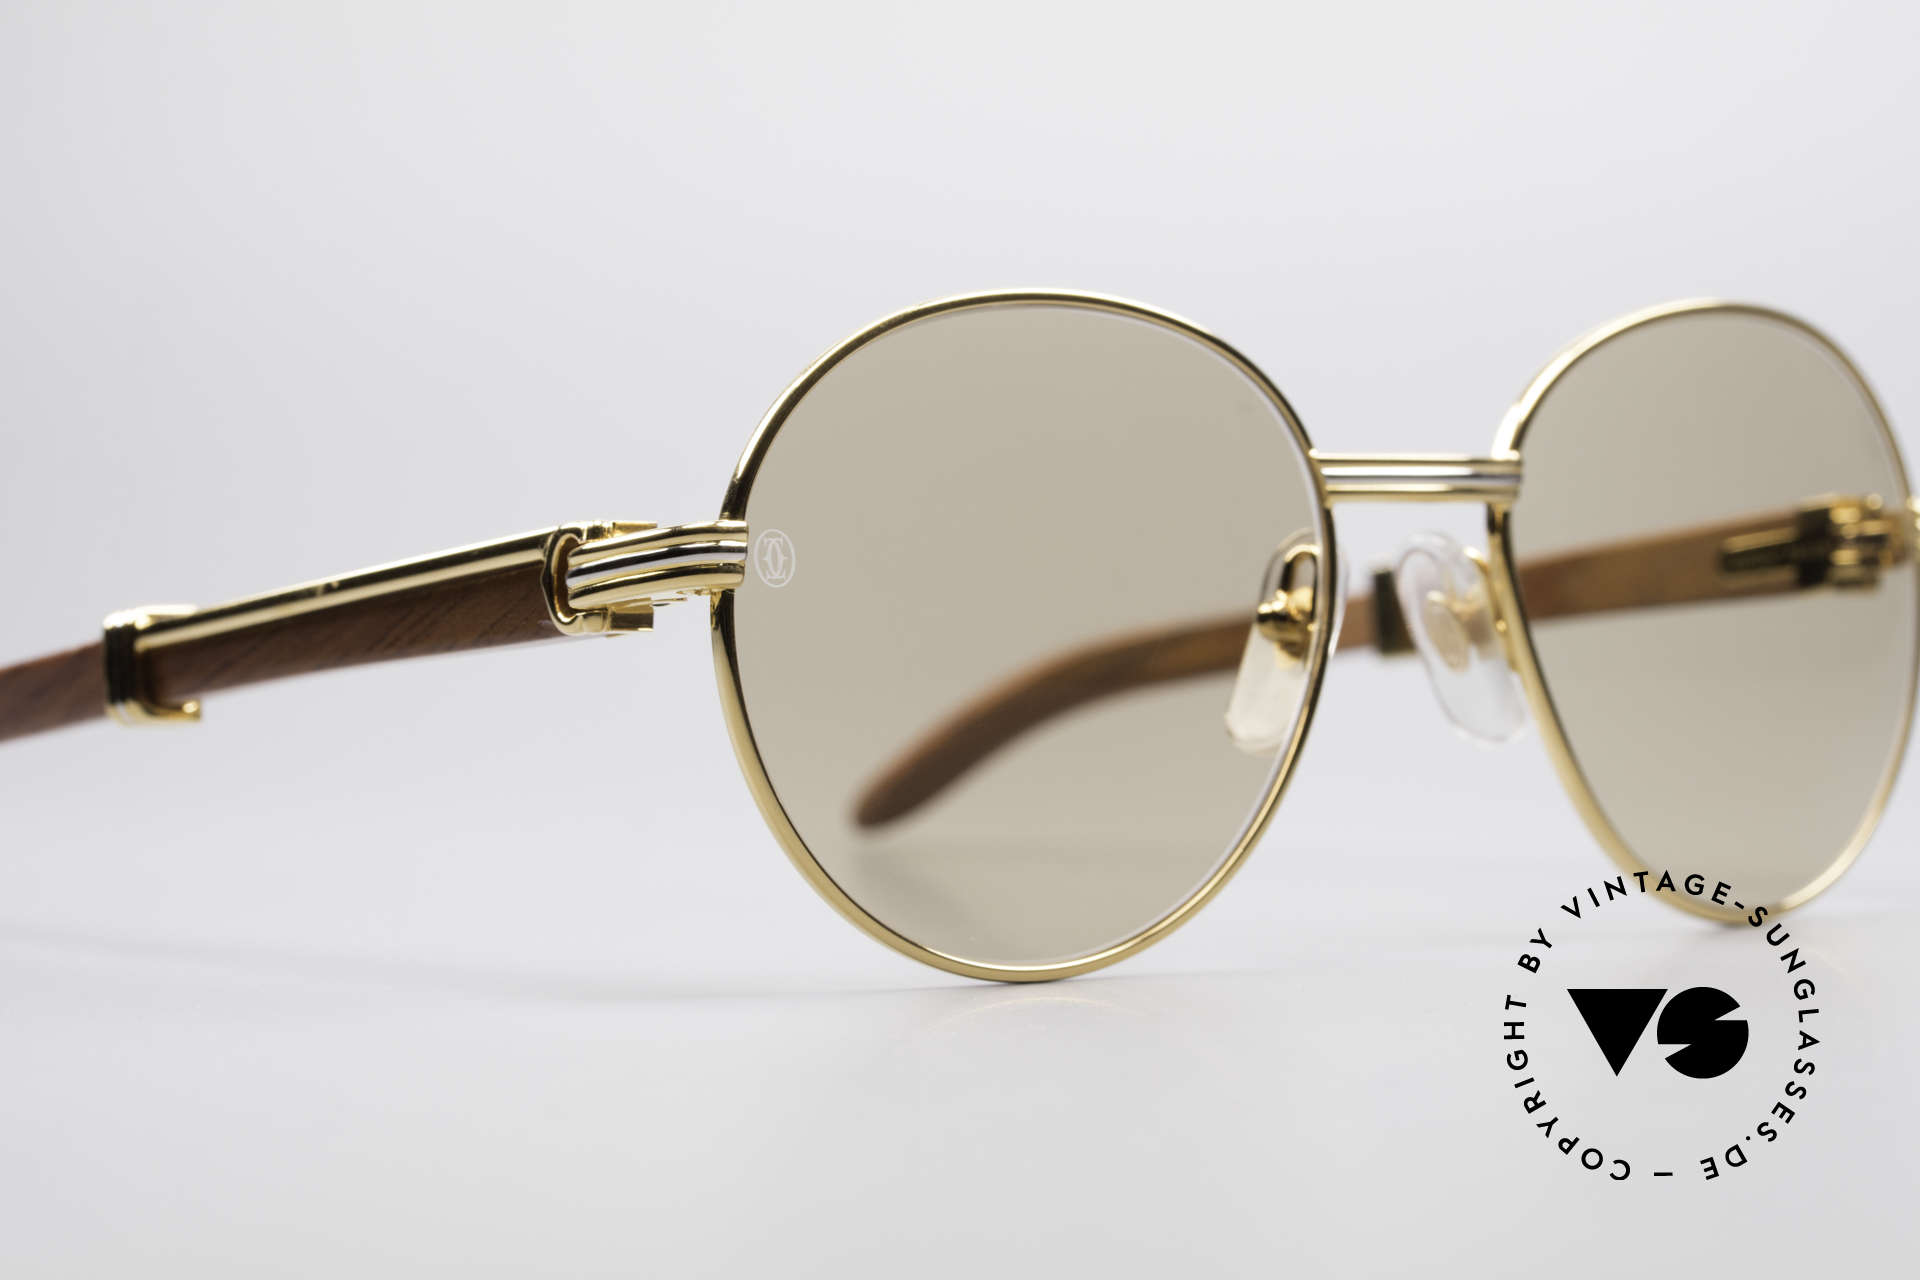 Cartier Bagatelle Bubinga Edelholz Sonnenbrille, 22kt vergoldete Fassung mit orig. Sonnengläsern, Passend für Herren und Damen